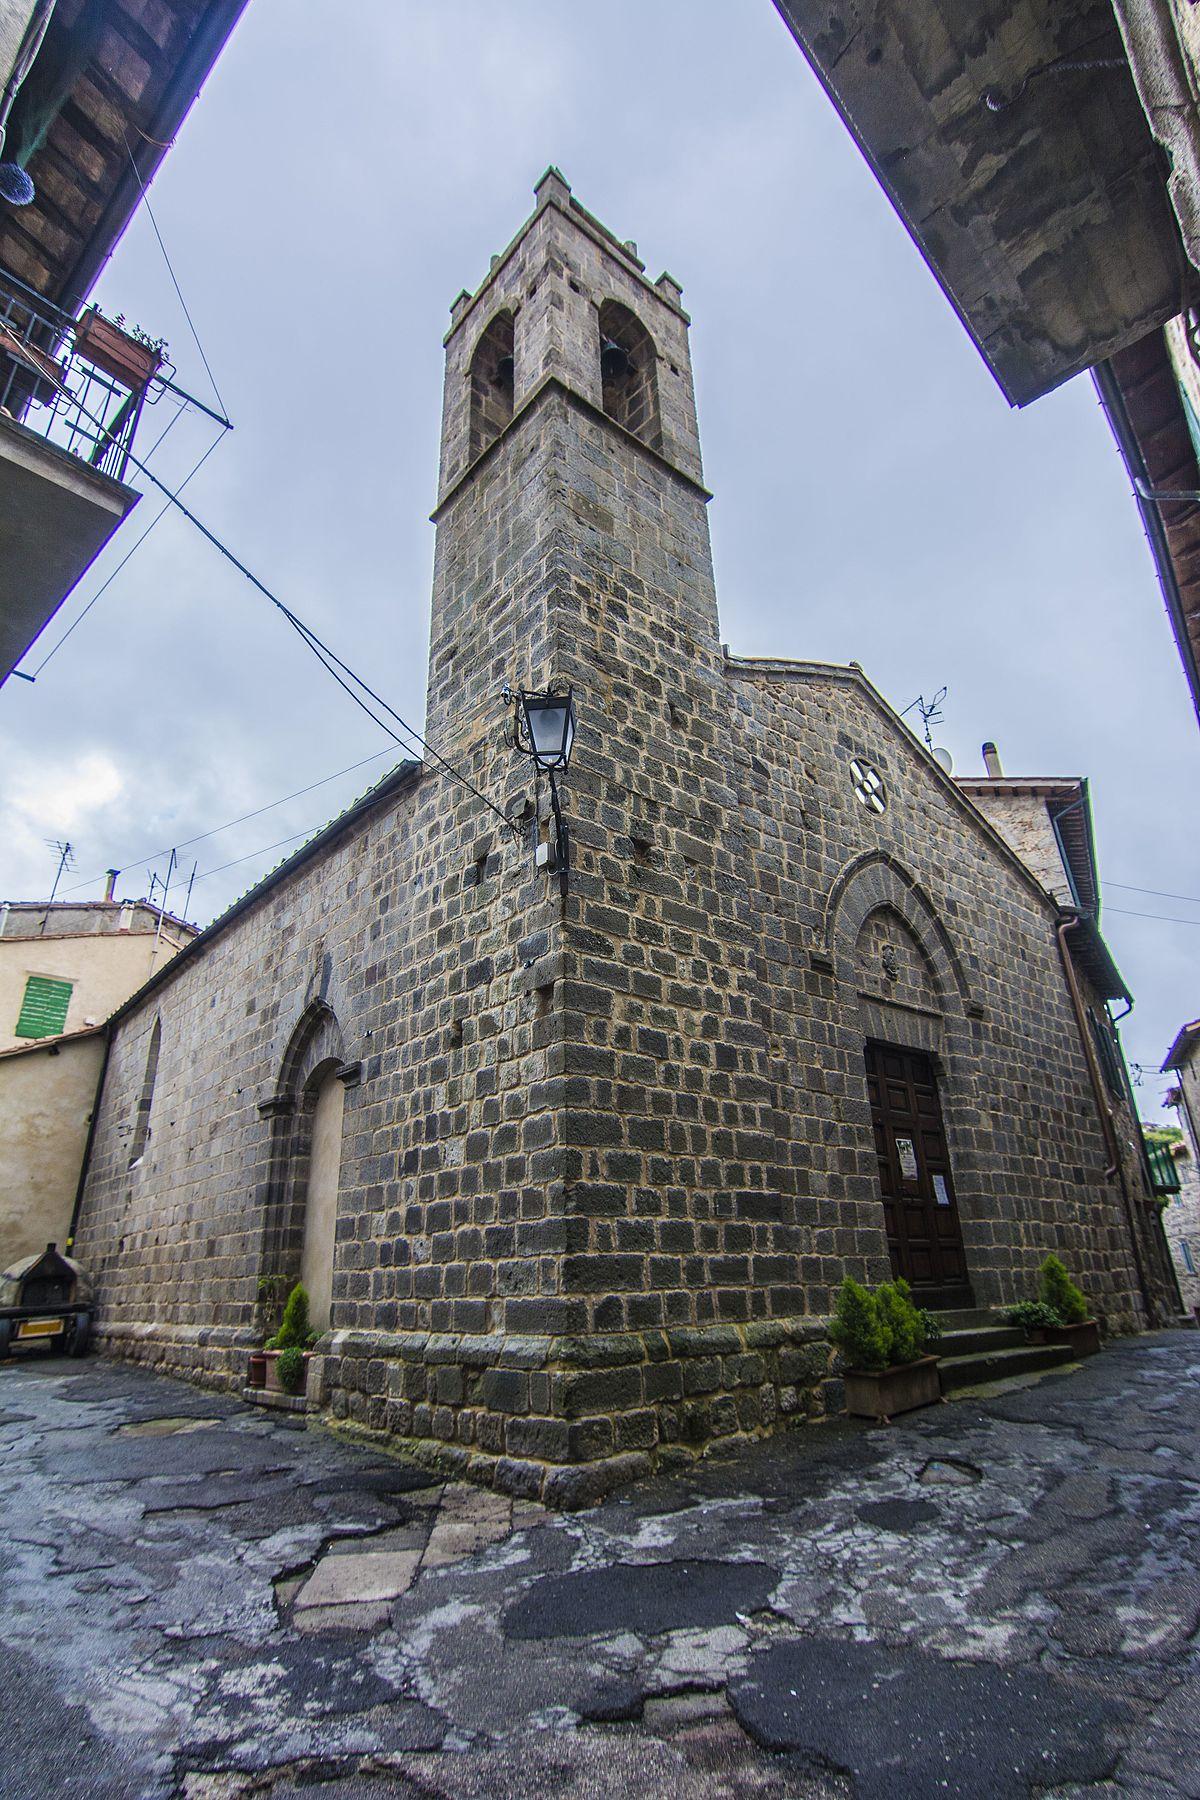 Chiesa di san leonardo abbadia san salvatore wikipedia for Mobilia san salvatore